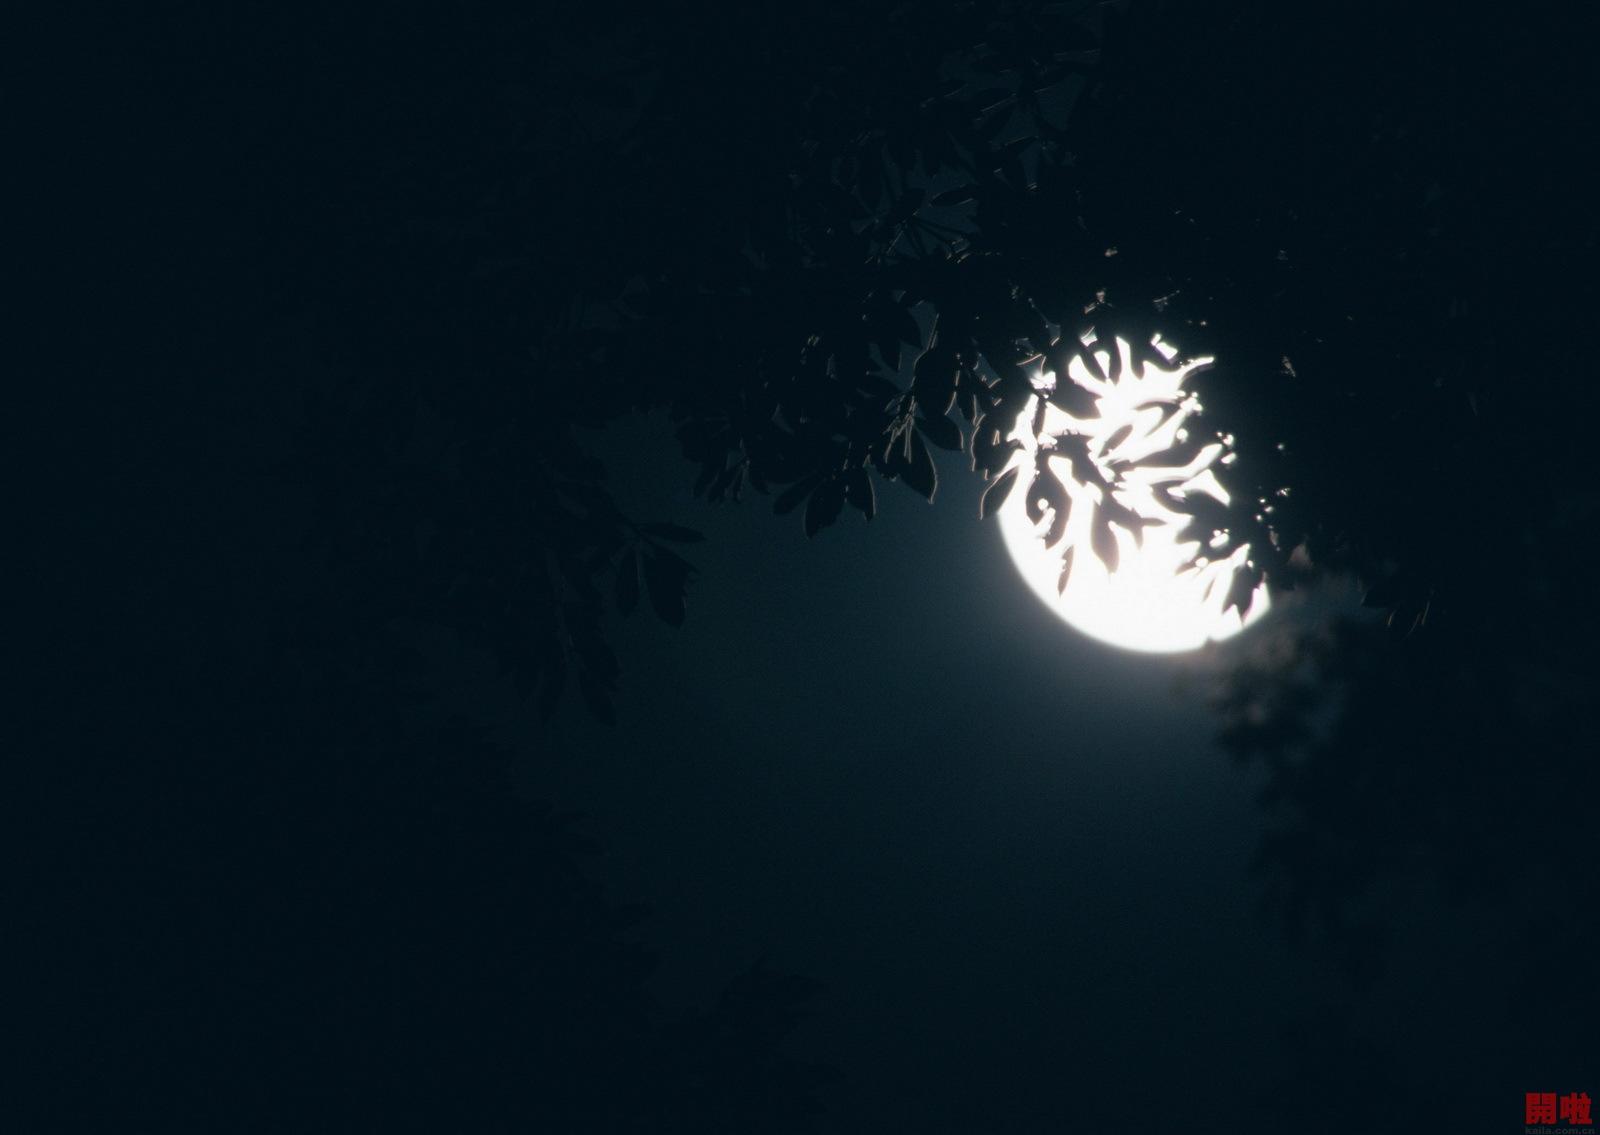 请问有没有描写月亮外形的古诗词?图片